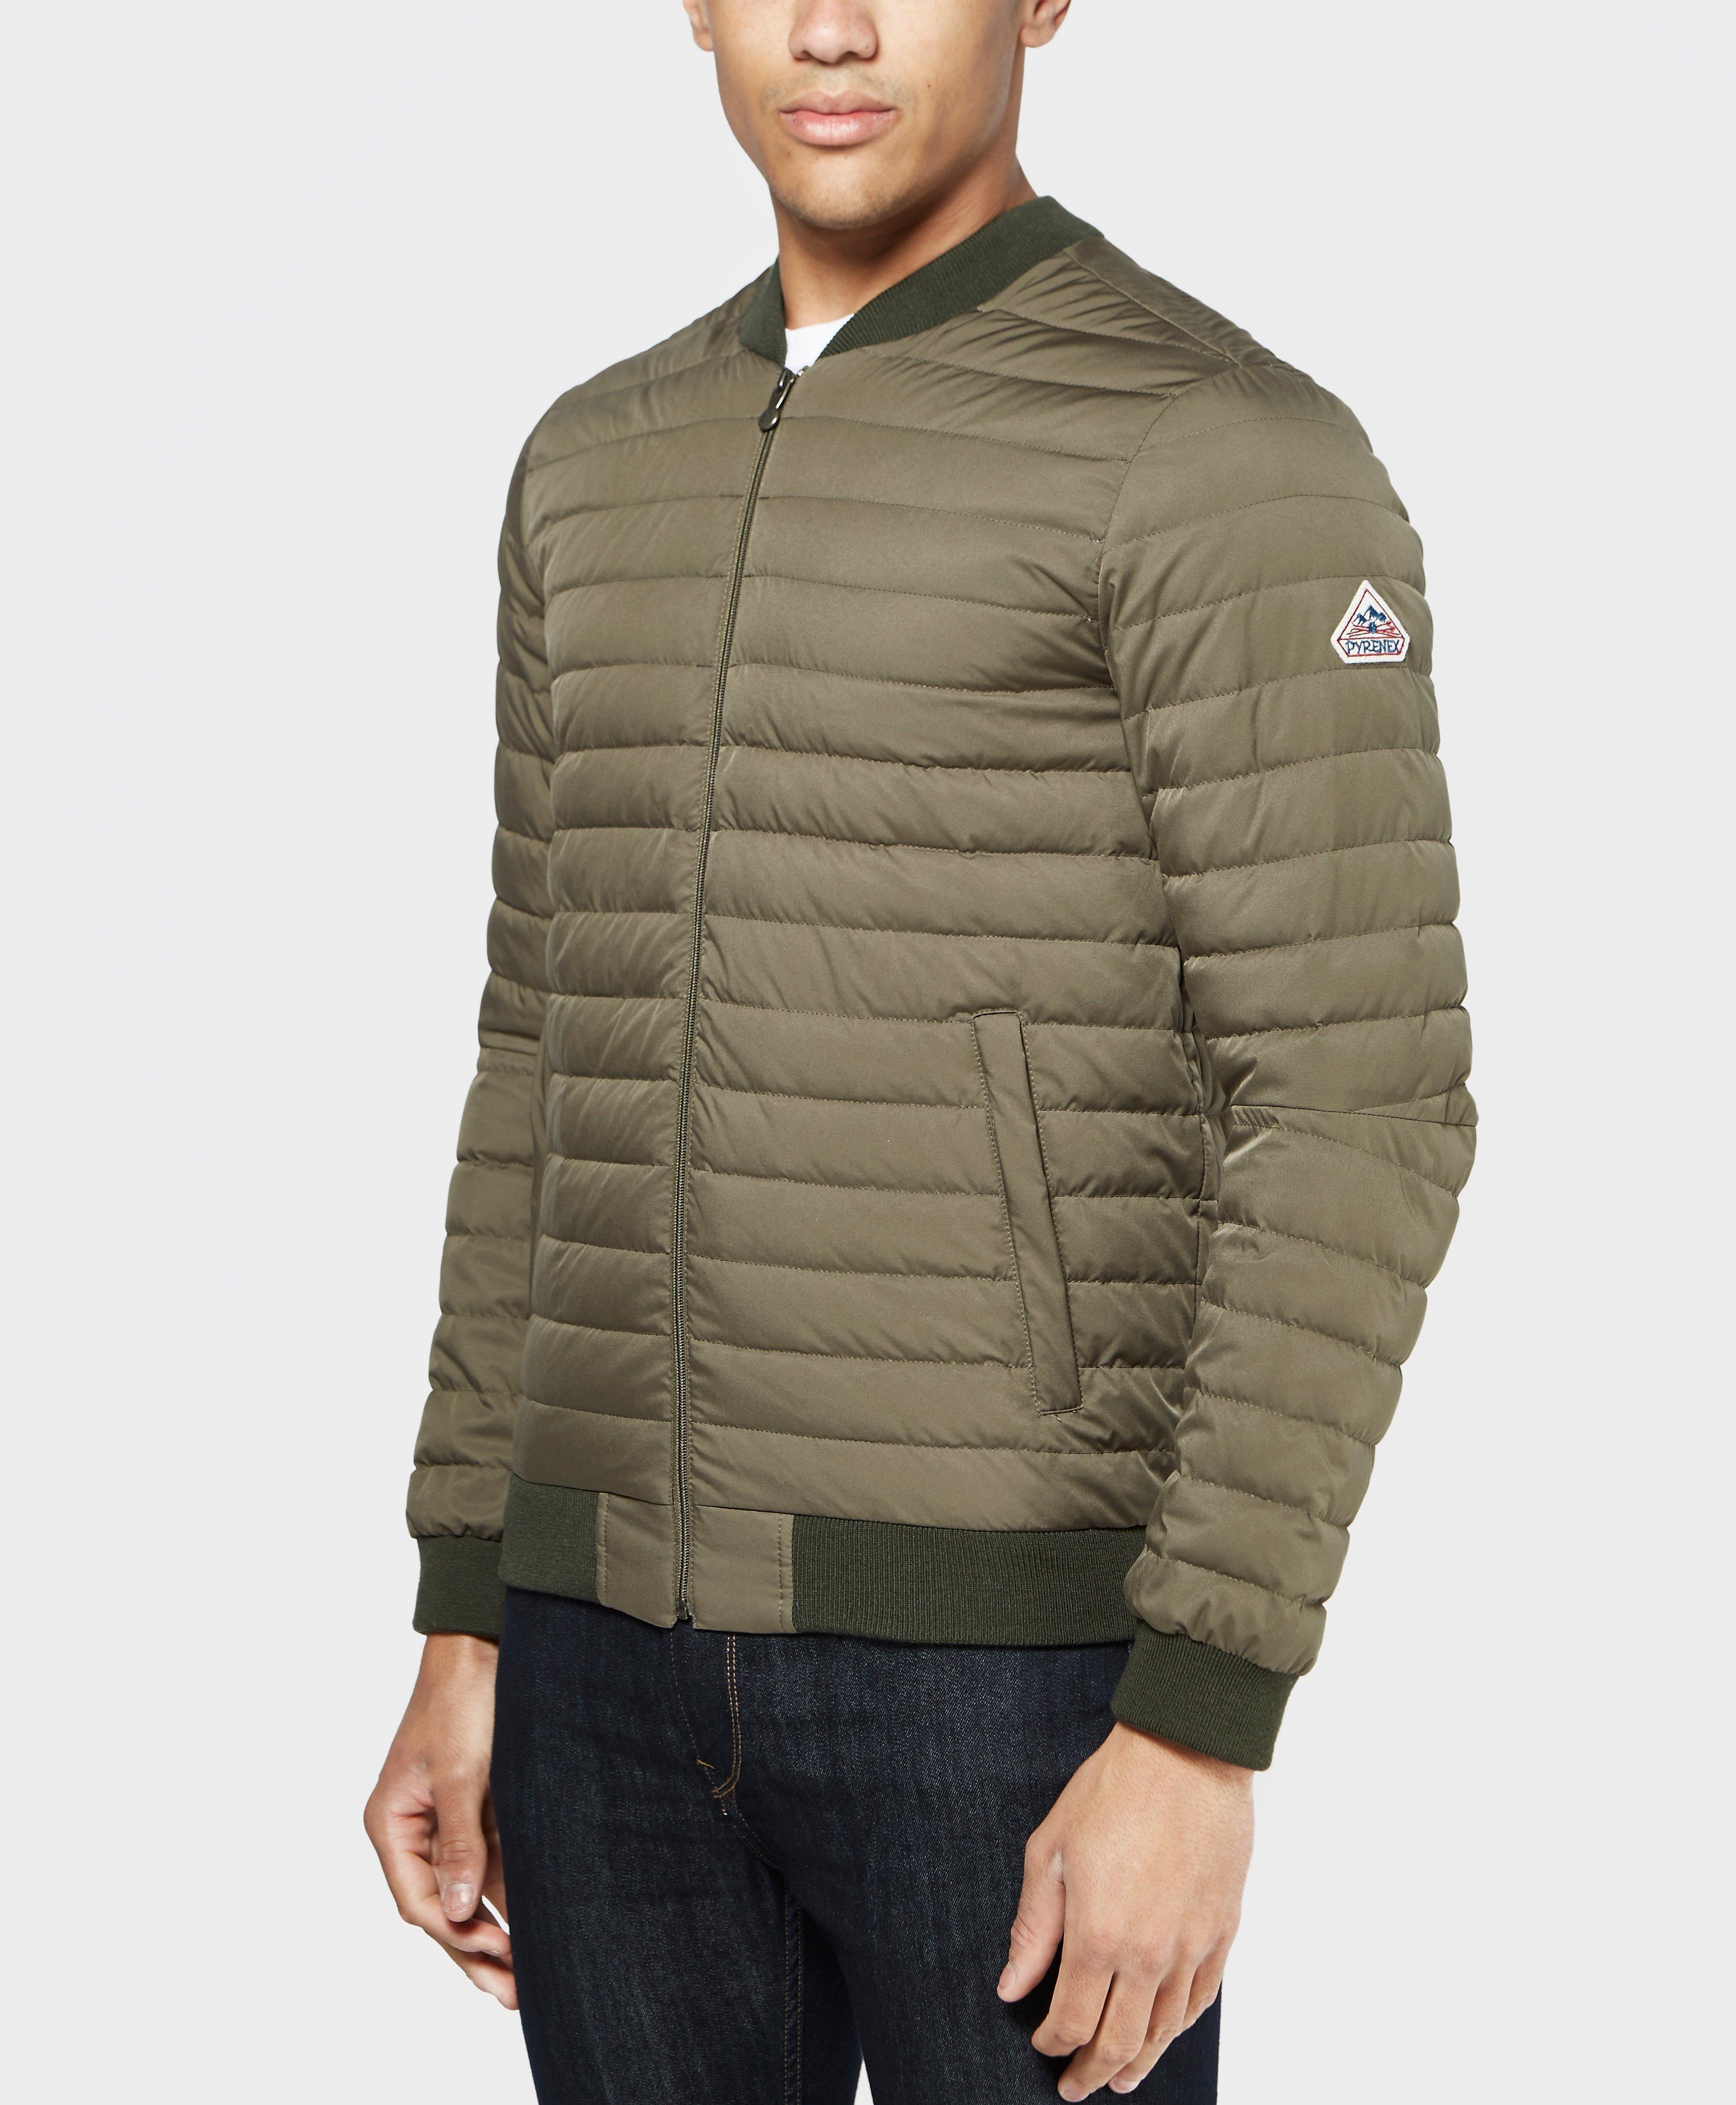 611981eb4 Pyrenex Multicolor Bruno Lightweight Jacket for men